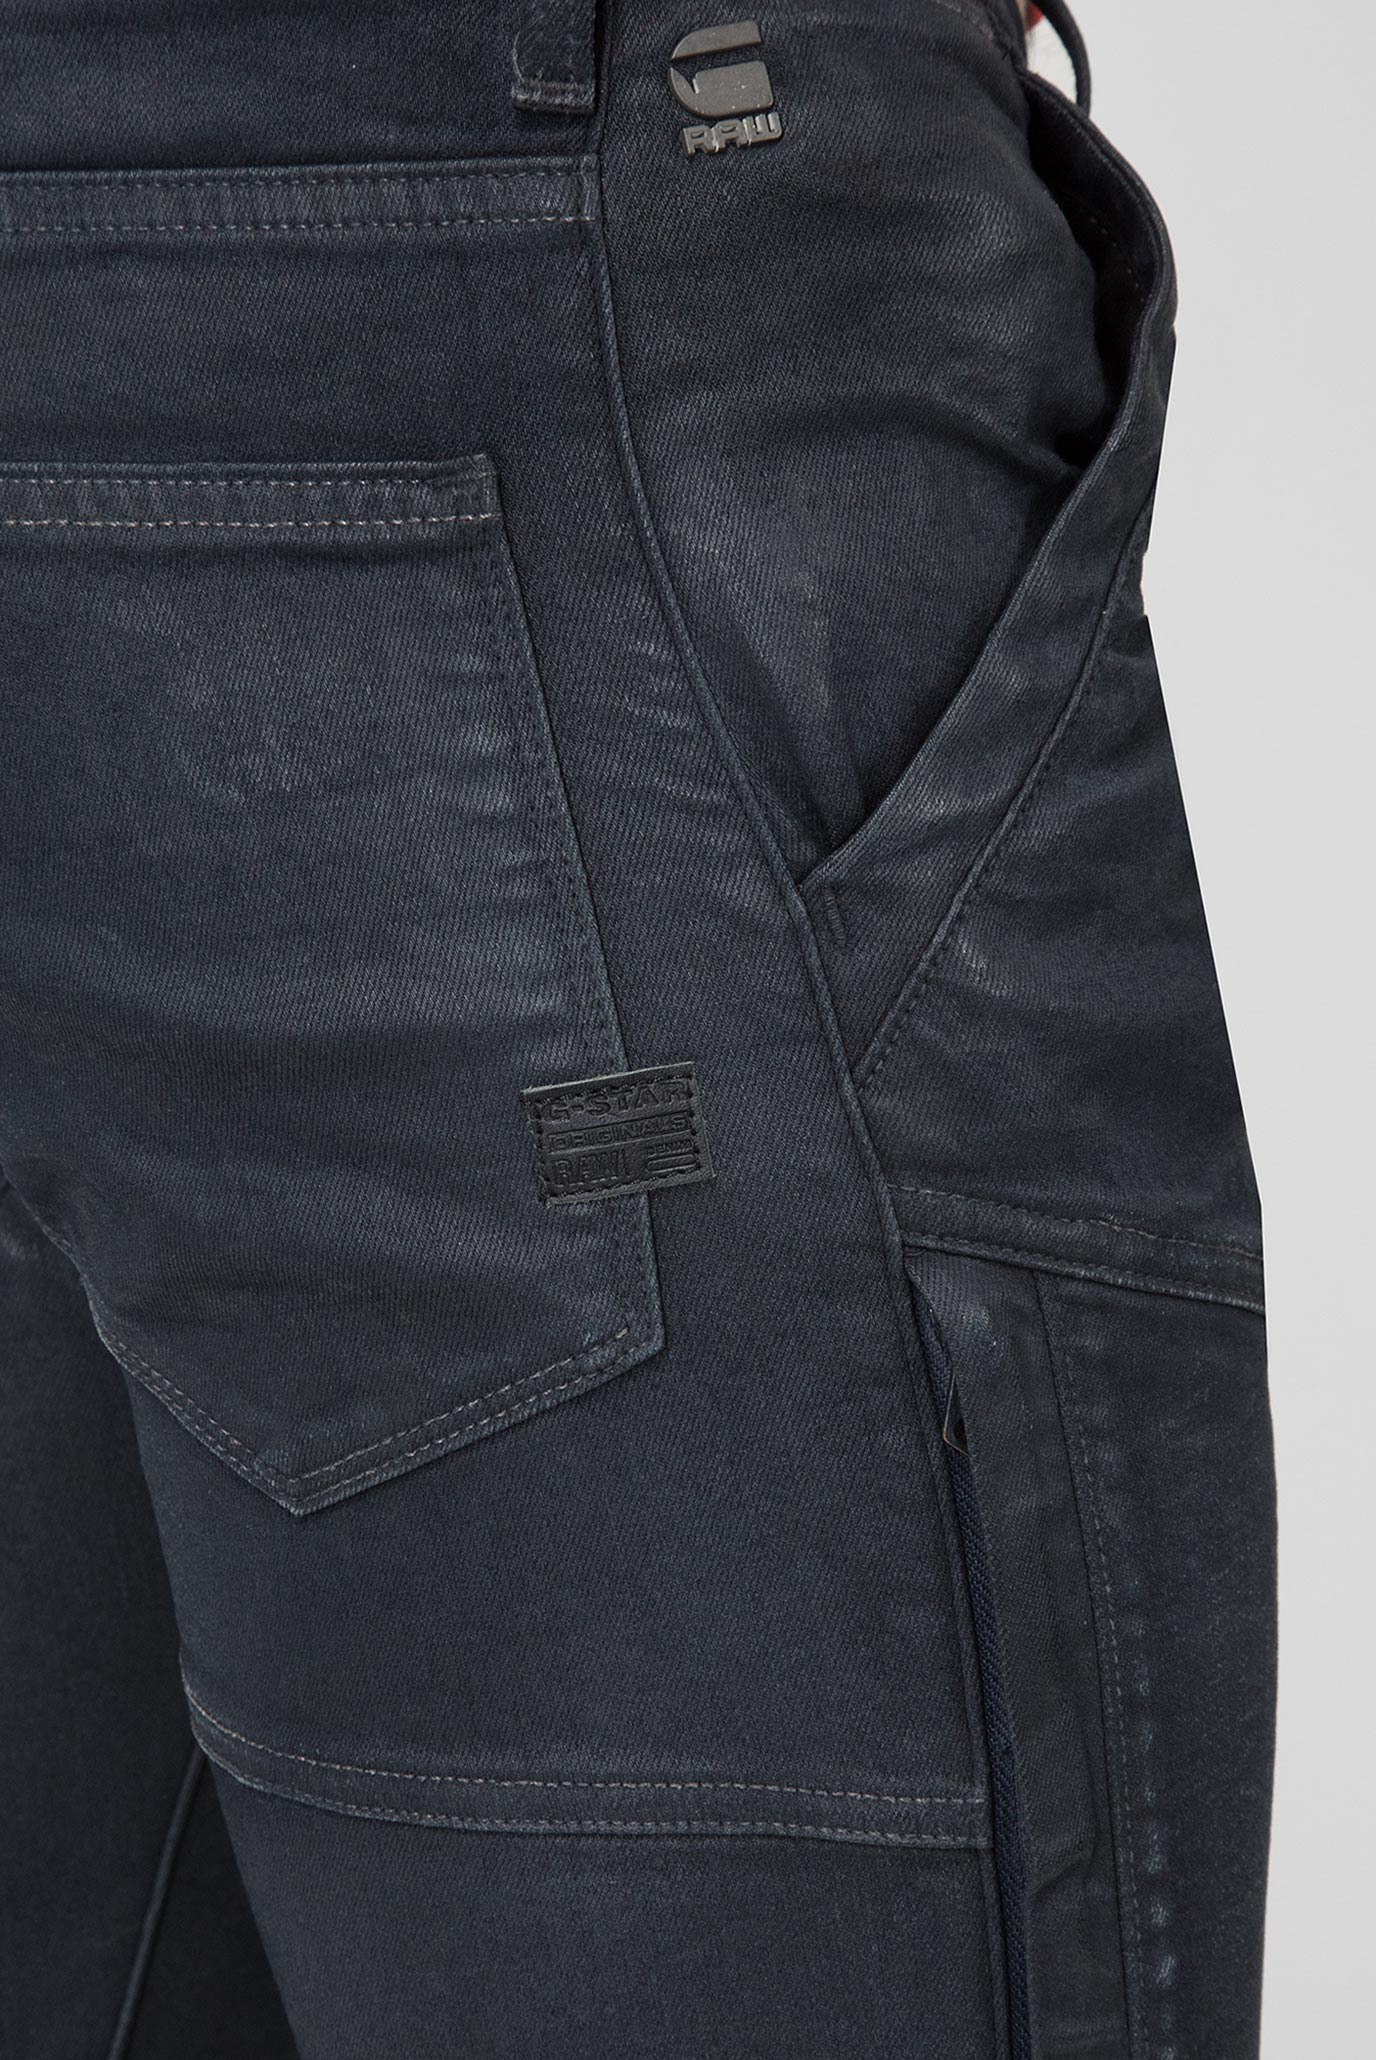 Купить Мужские темно-синие джинсы RACKAM G-Star RAW G-Star RAW D06763,8968 – Киев, Украина. Цены в интернет магазине MD Fashion